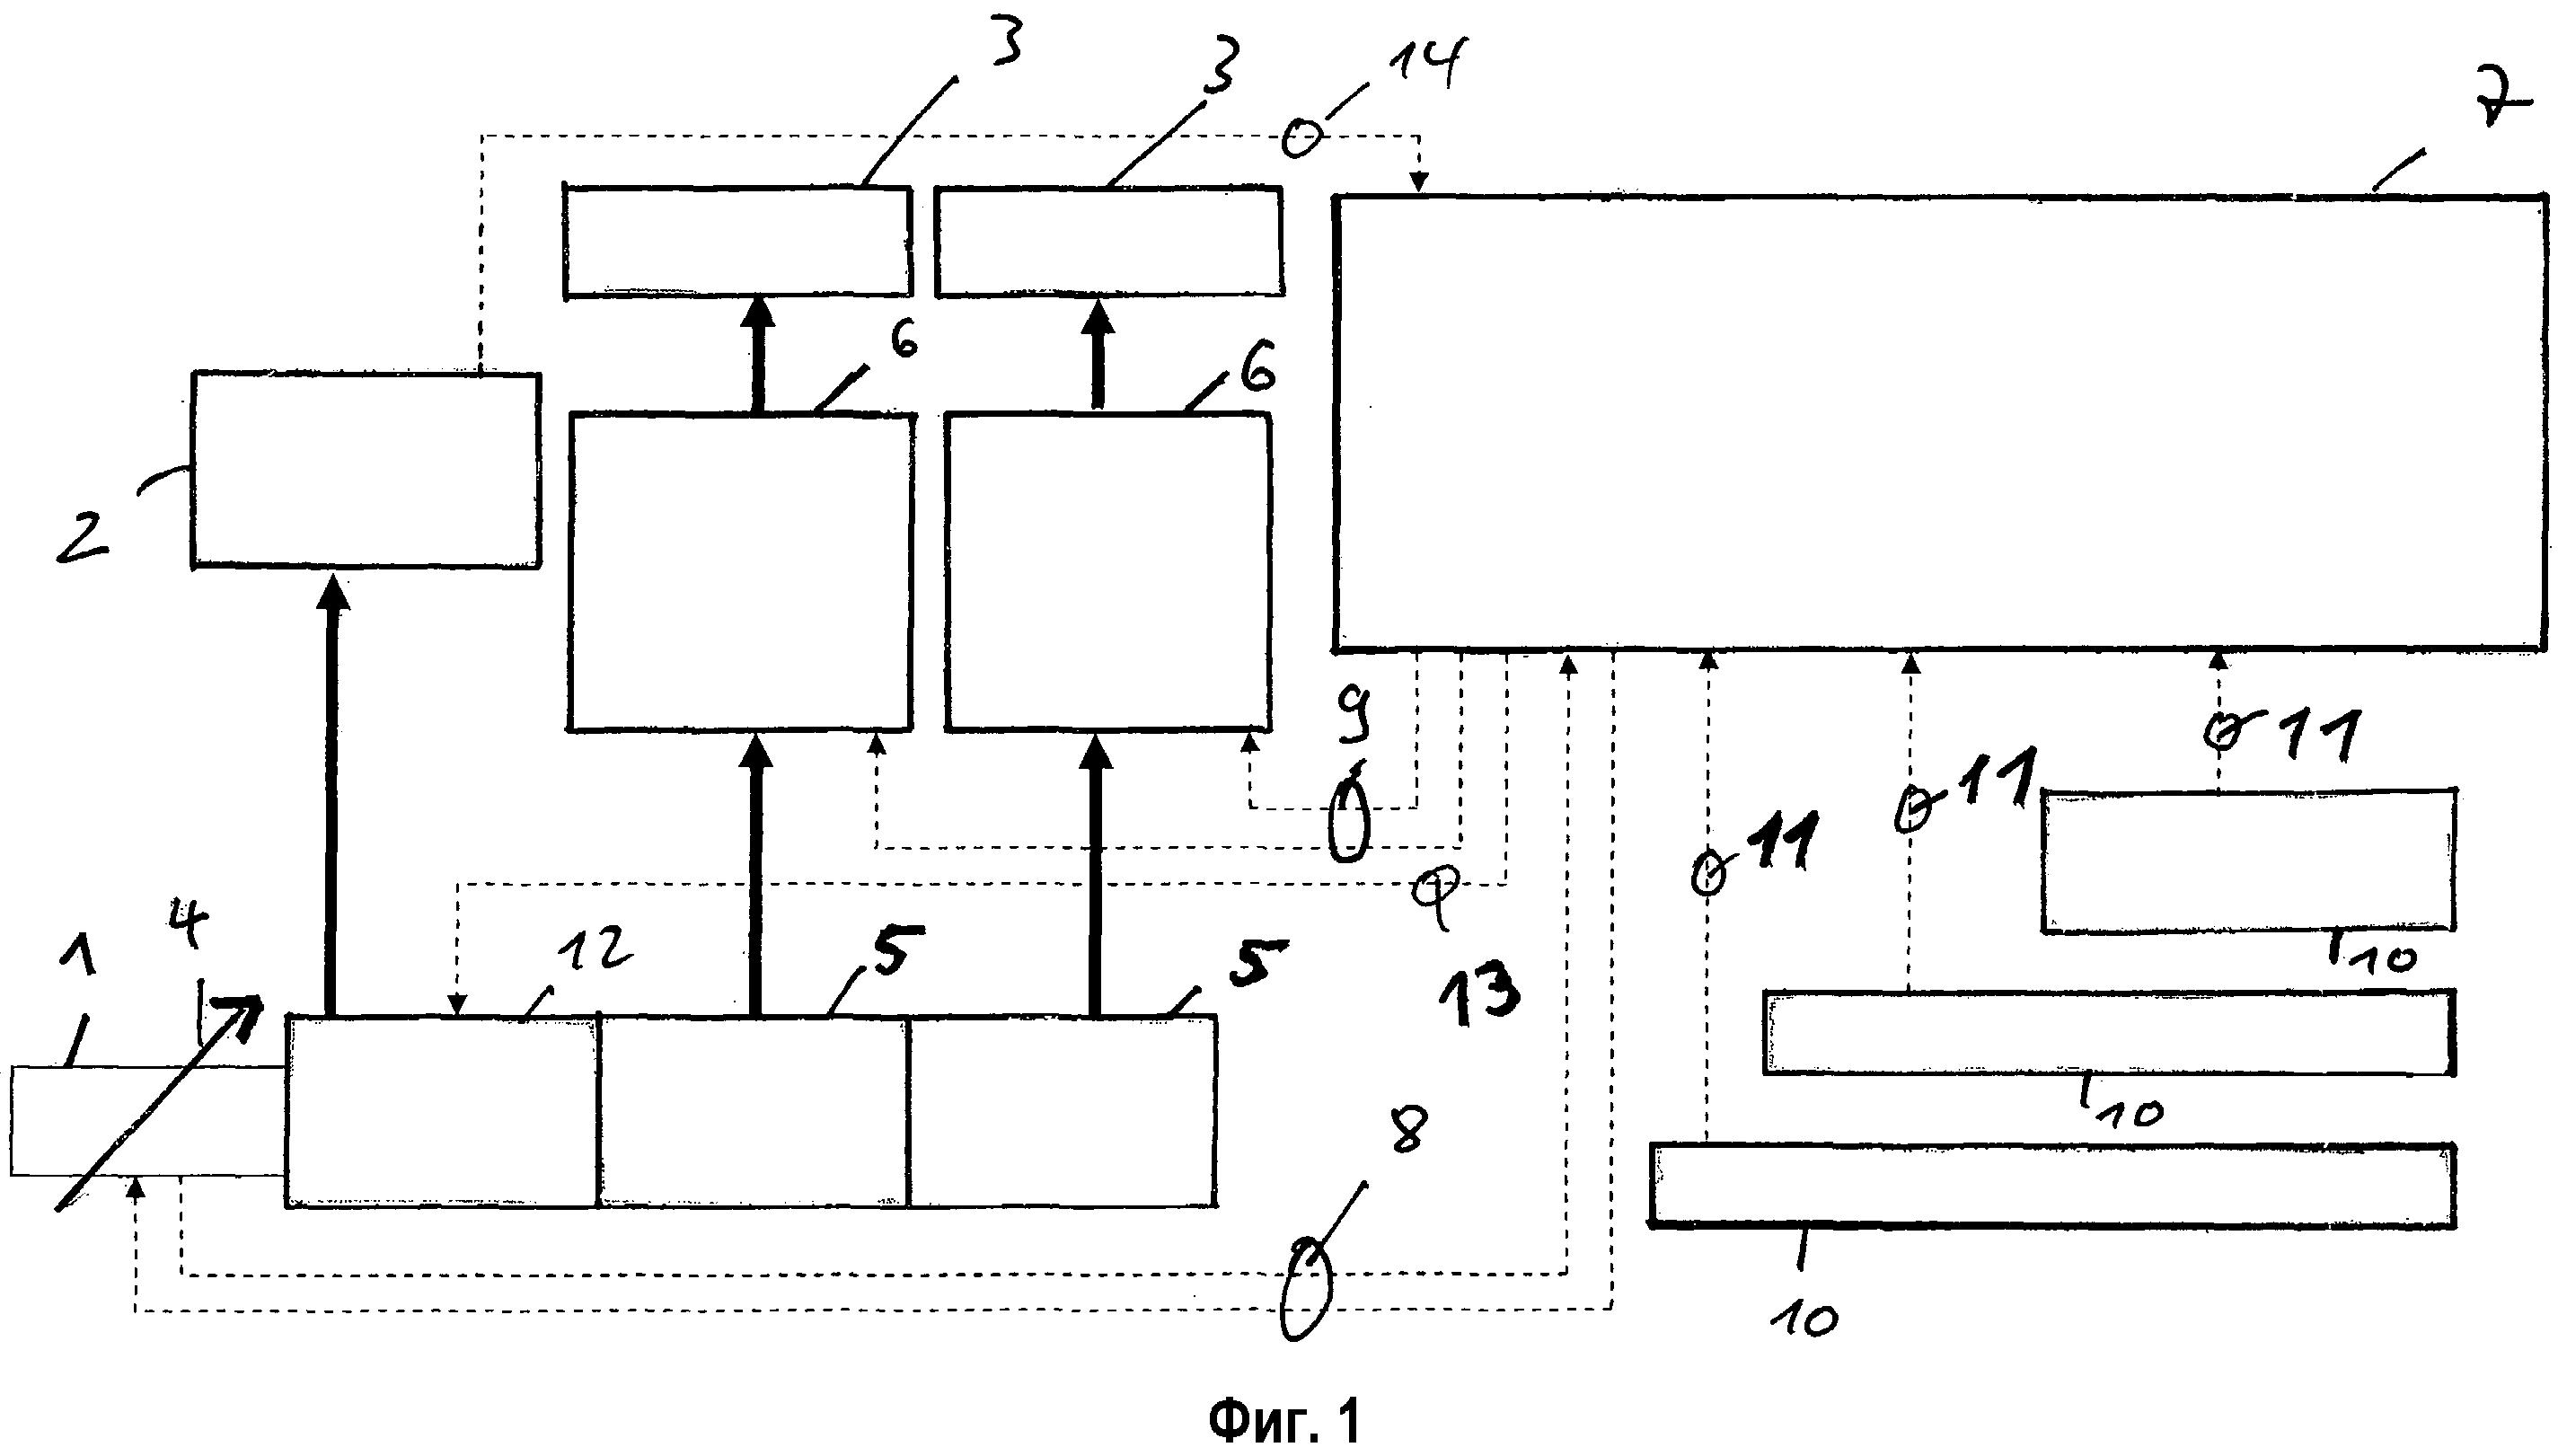 Способ регулирования частоты вращения двигателя внутреннего сгорания дорожно-строительной машины и соответствующая дорожно-строительная машина